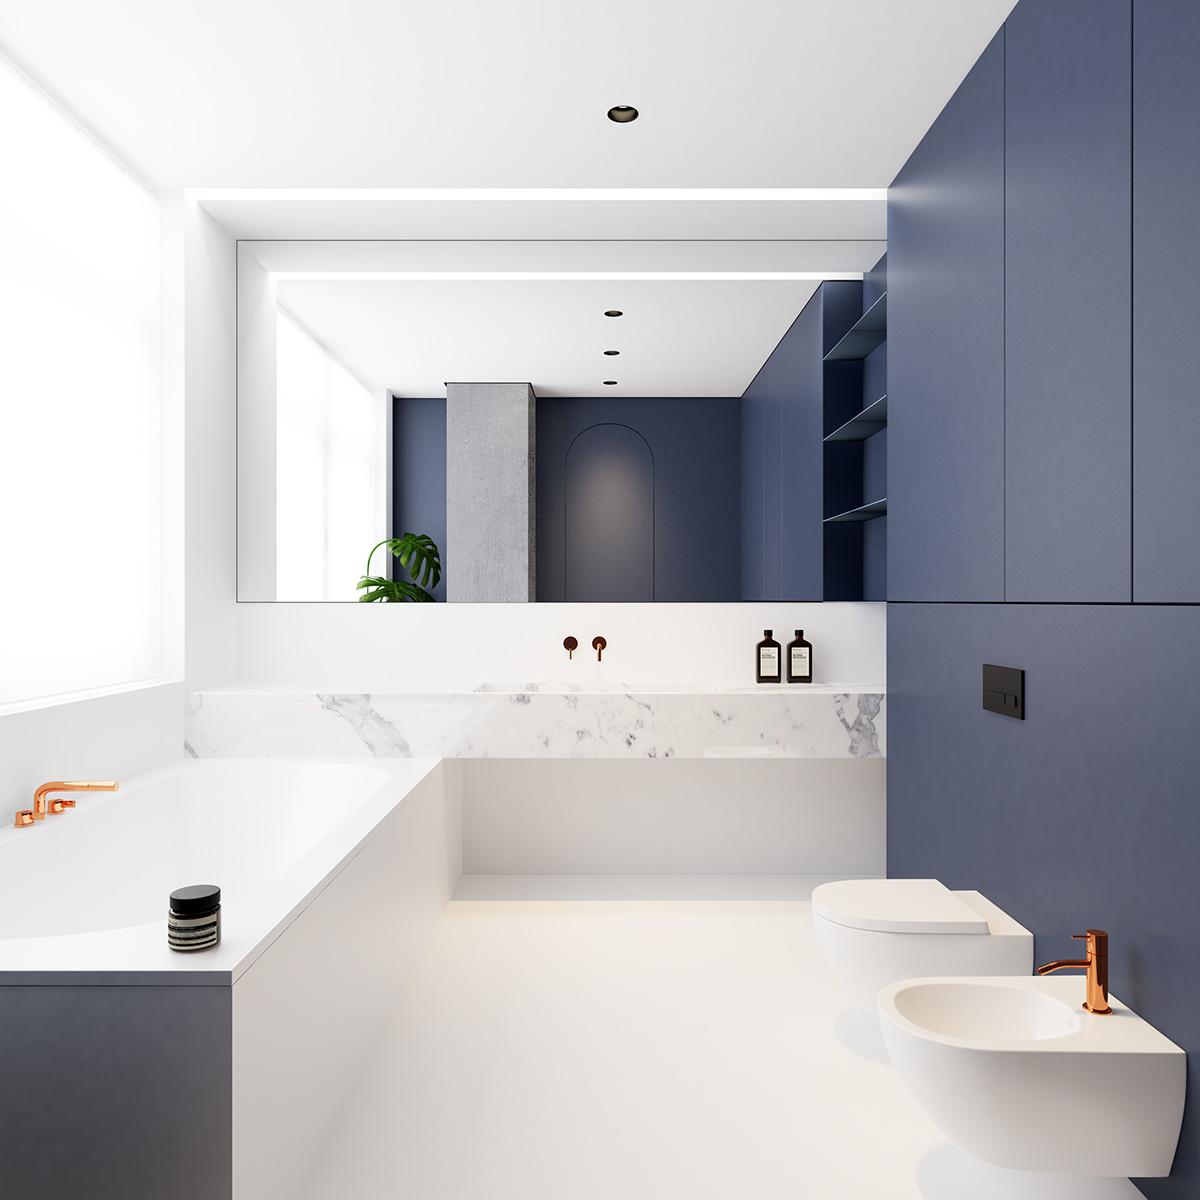 Architect Emil Dervish heeft gekozen voor een minimalistische witte gietvloer in deze moderne badkamer, gecombineerd met een marmeren wastafel en strakke blauwe kasten.